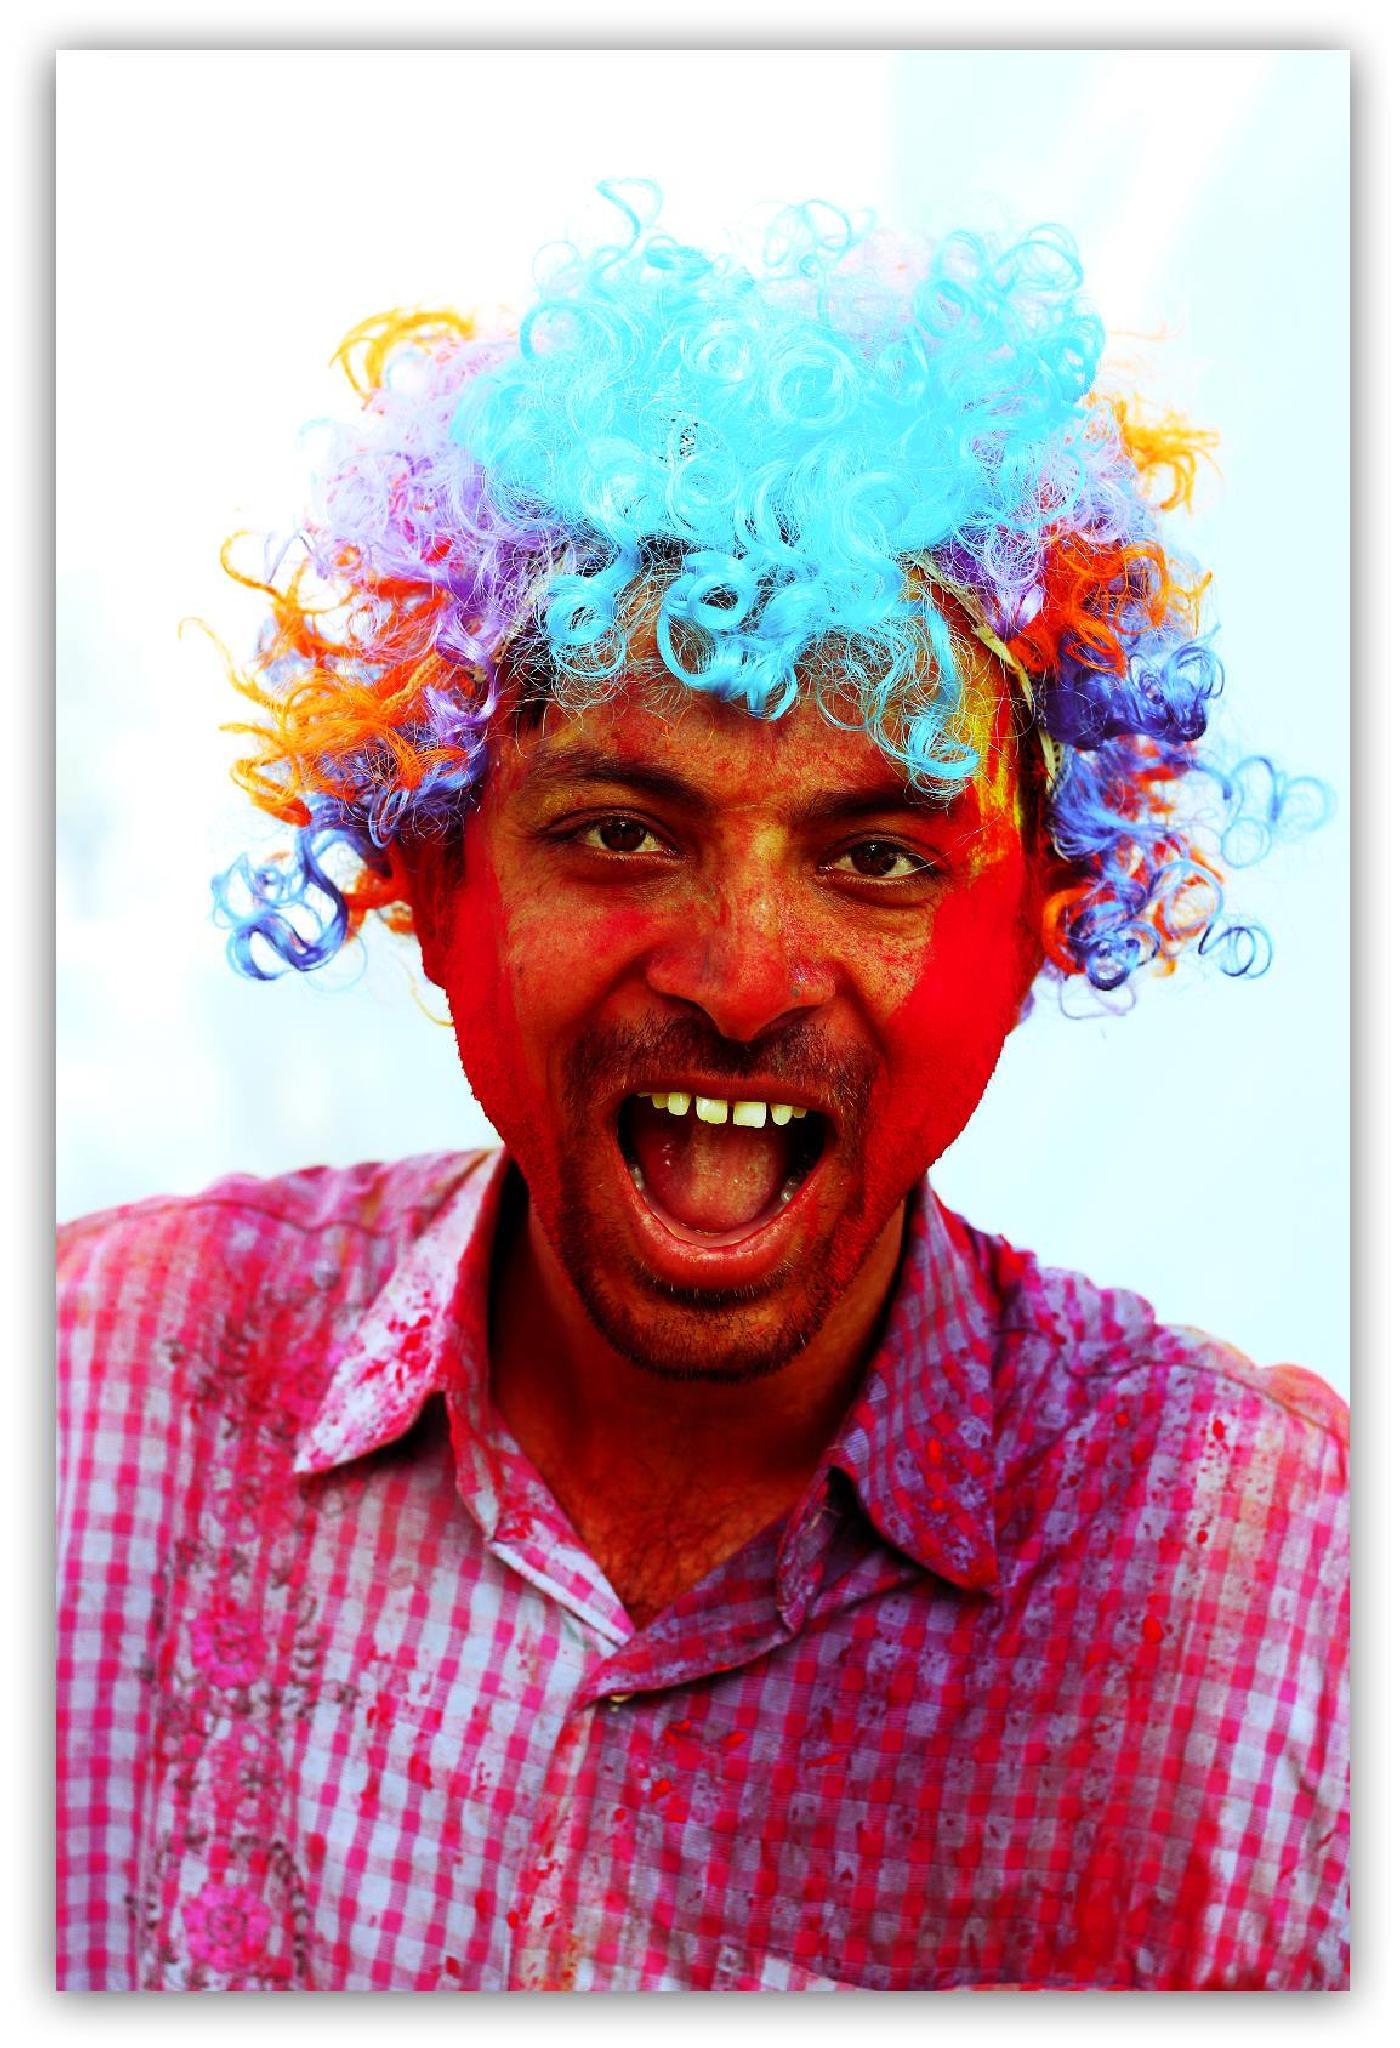 #portraitcontest by Amit Batra